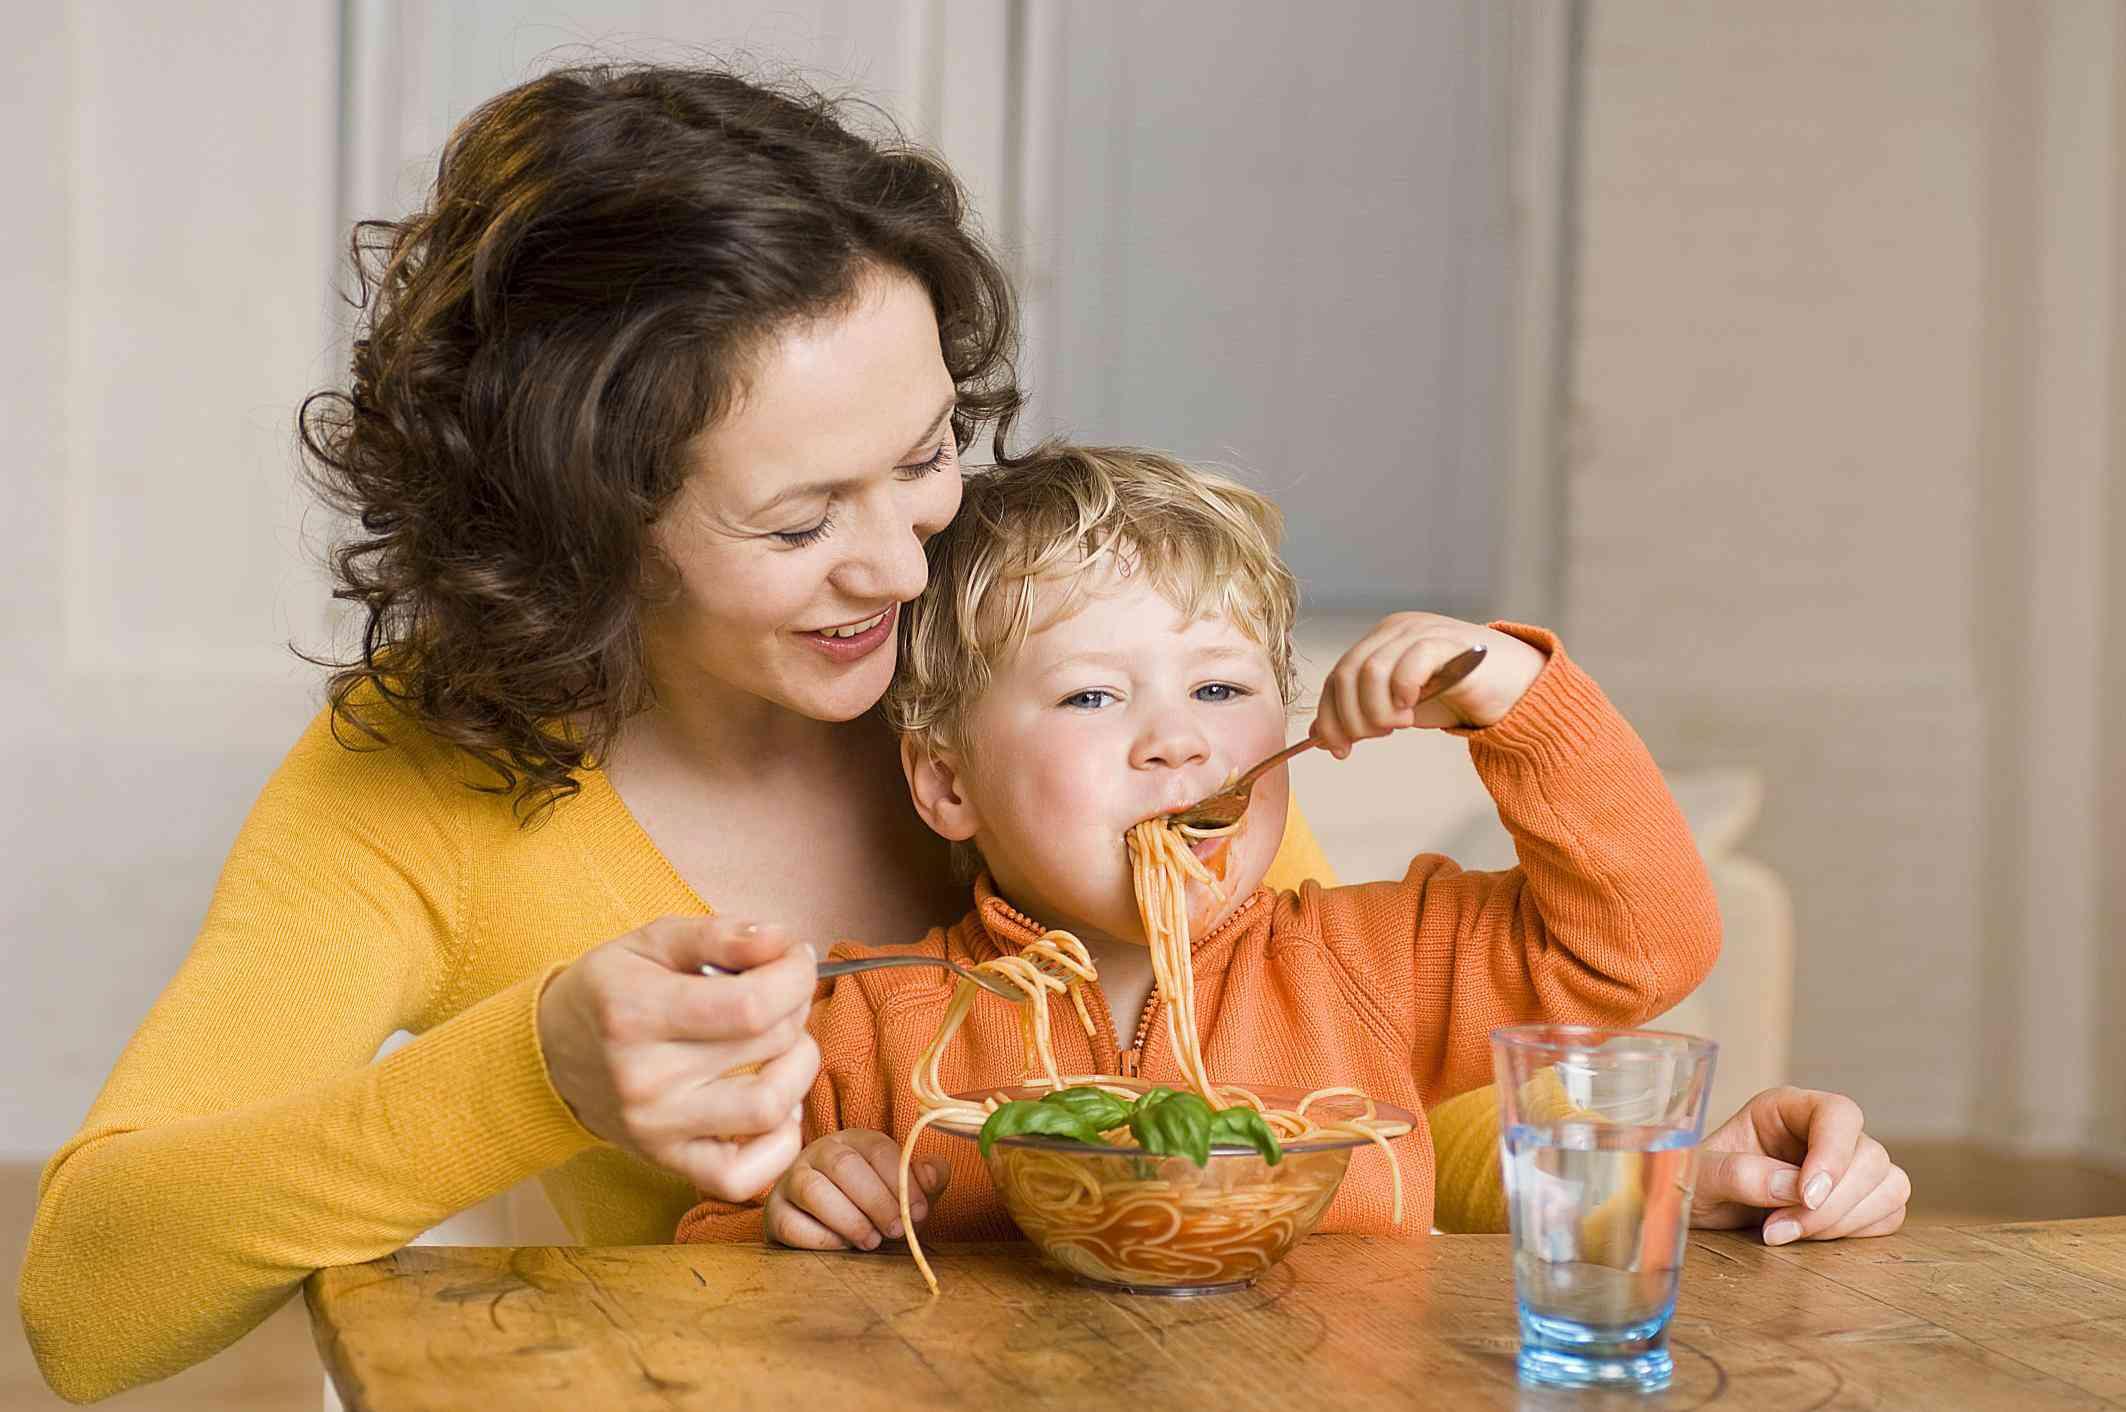 Niñera ayudando a un niño a comer pasta